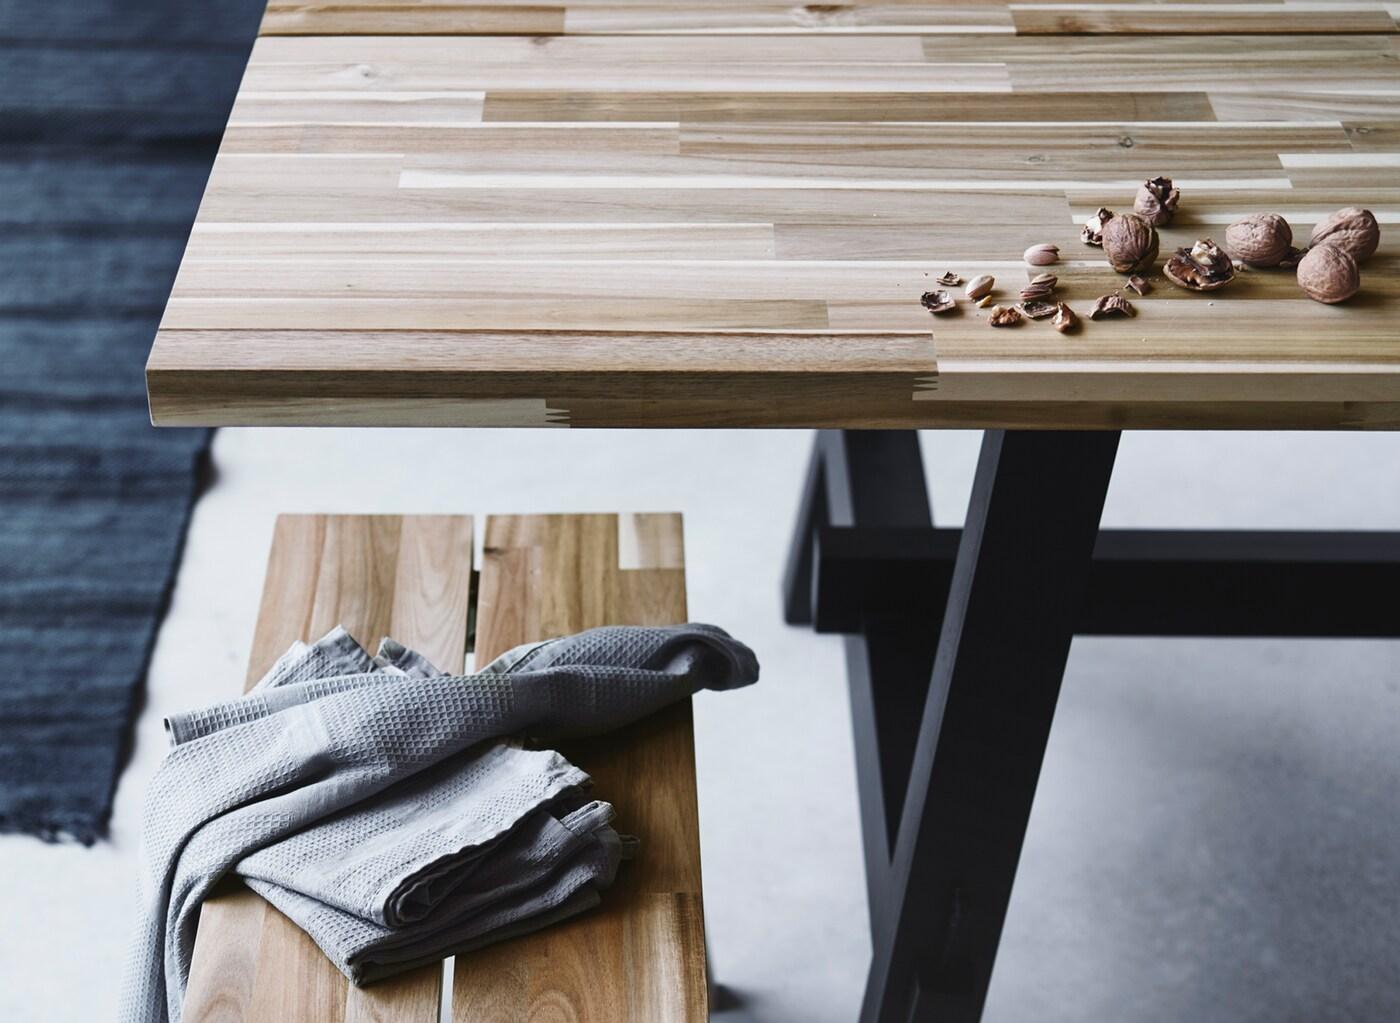 Une table rectangulaire et un banc SKOGSTA de style scandinave confectionnés dans un bois présentant des variations de grain et de couleur.